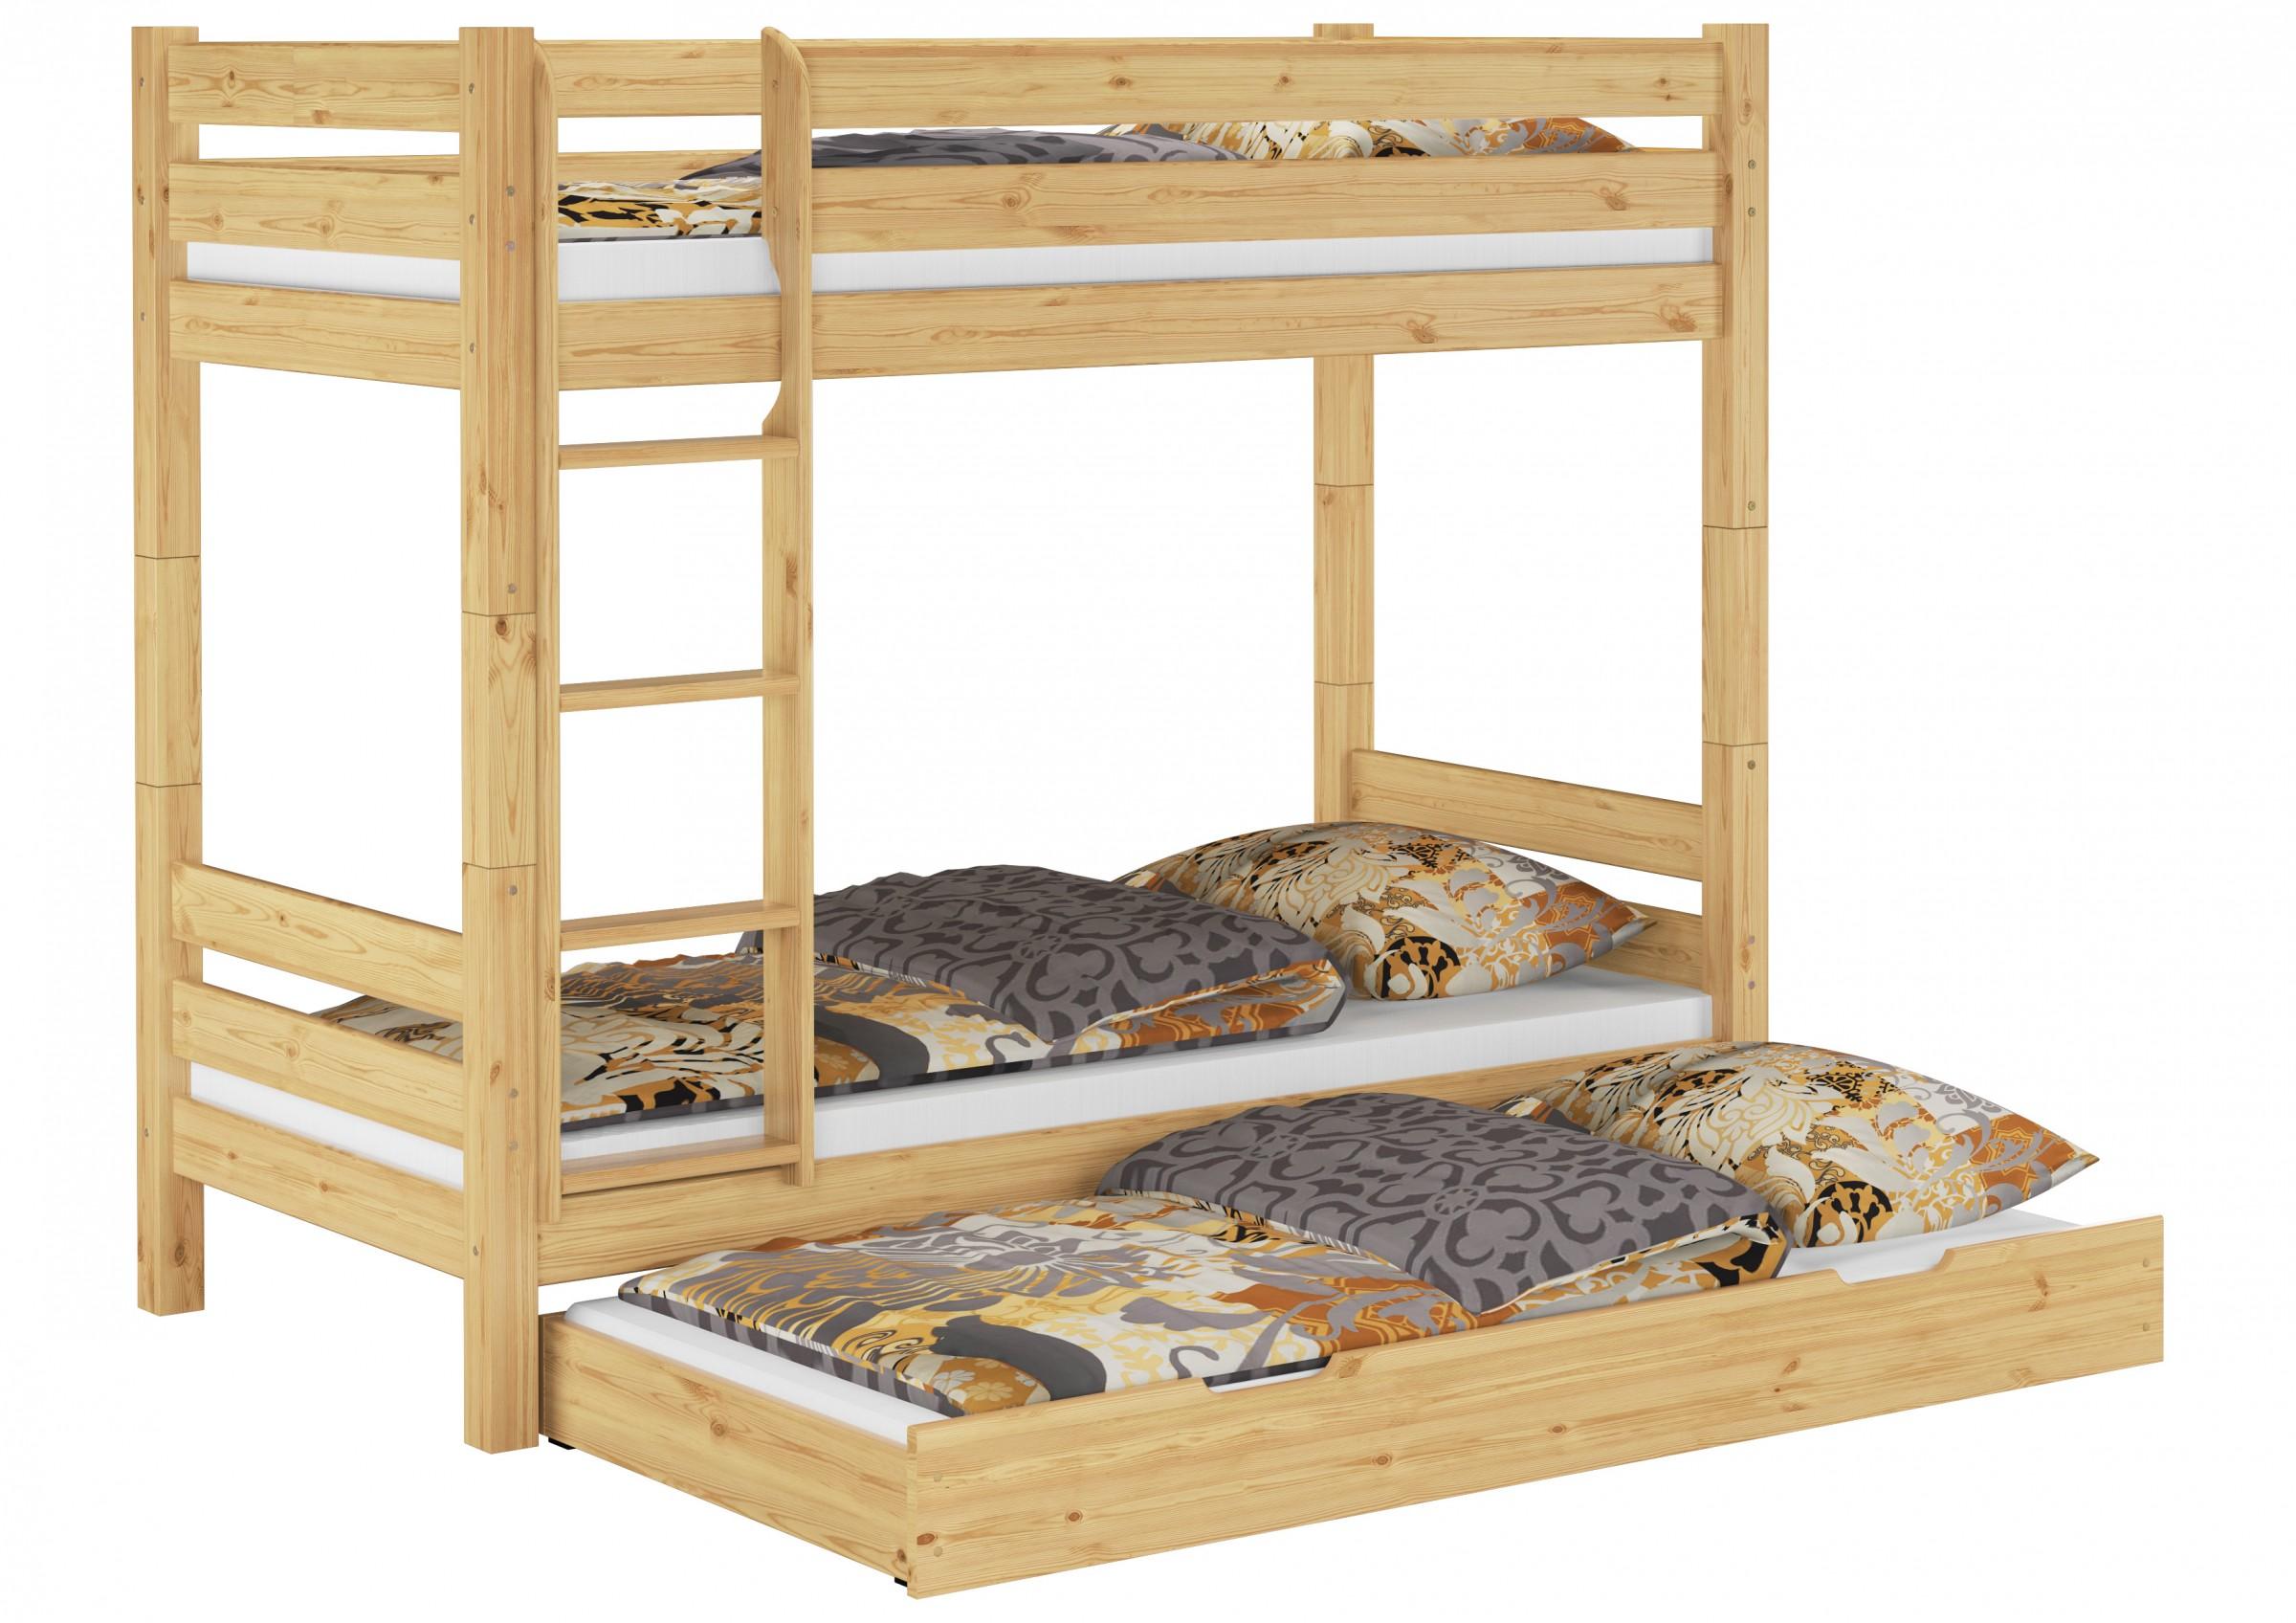 etagenbett kiefer massiv 90x200 mit 3 schlafpl tzen matratzen 070 m s7m ebay. Black Bedroom Furniture Sets. Home Design Ideas